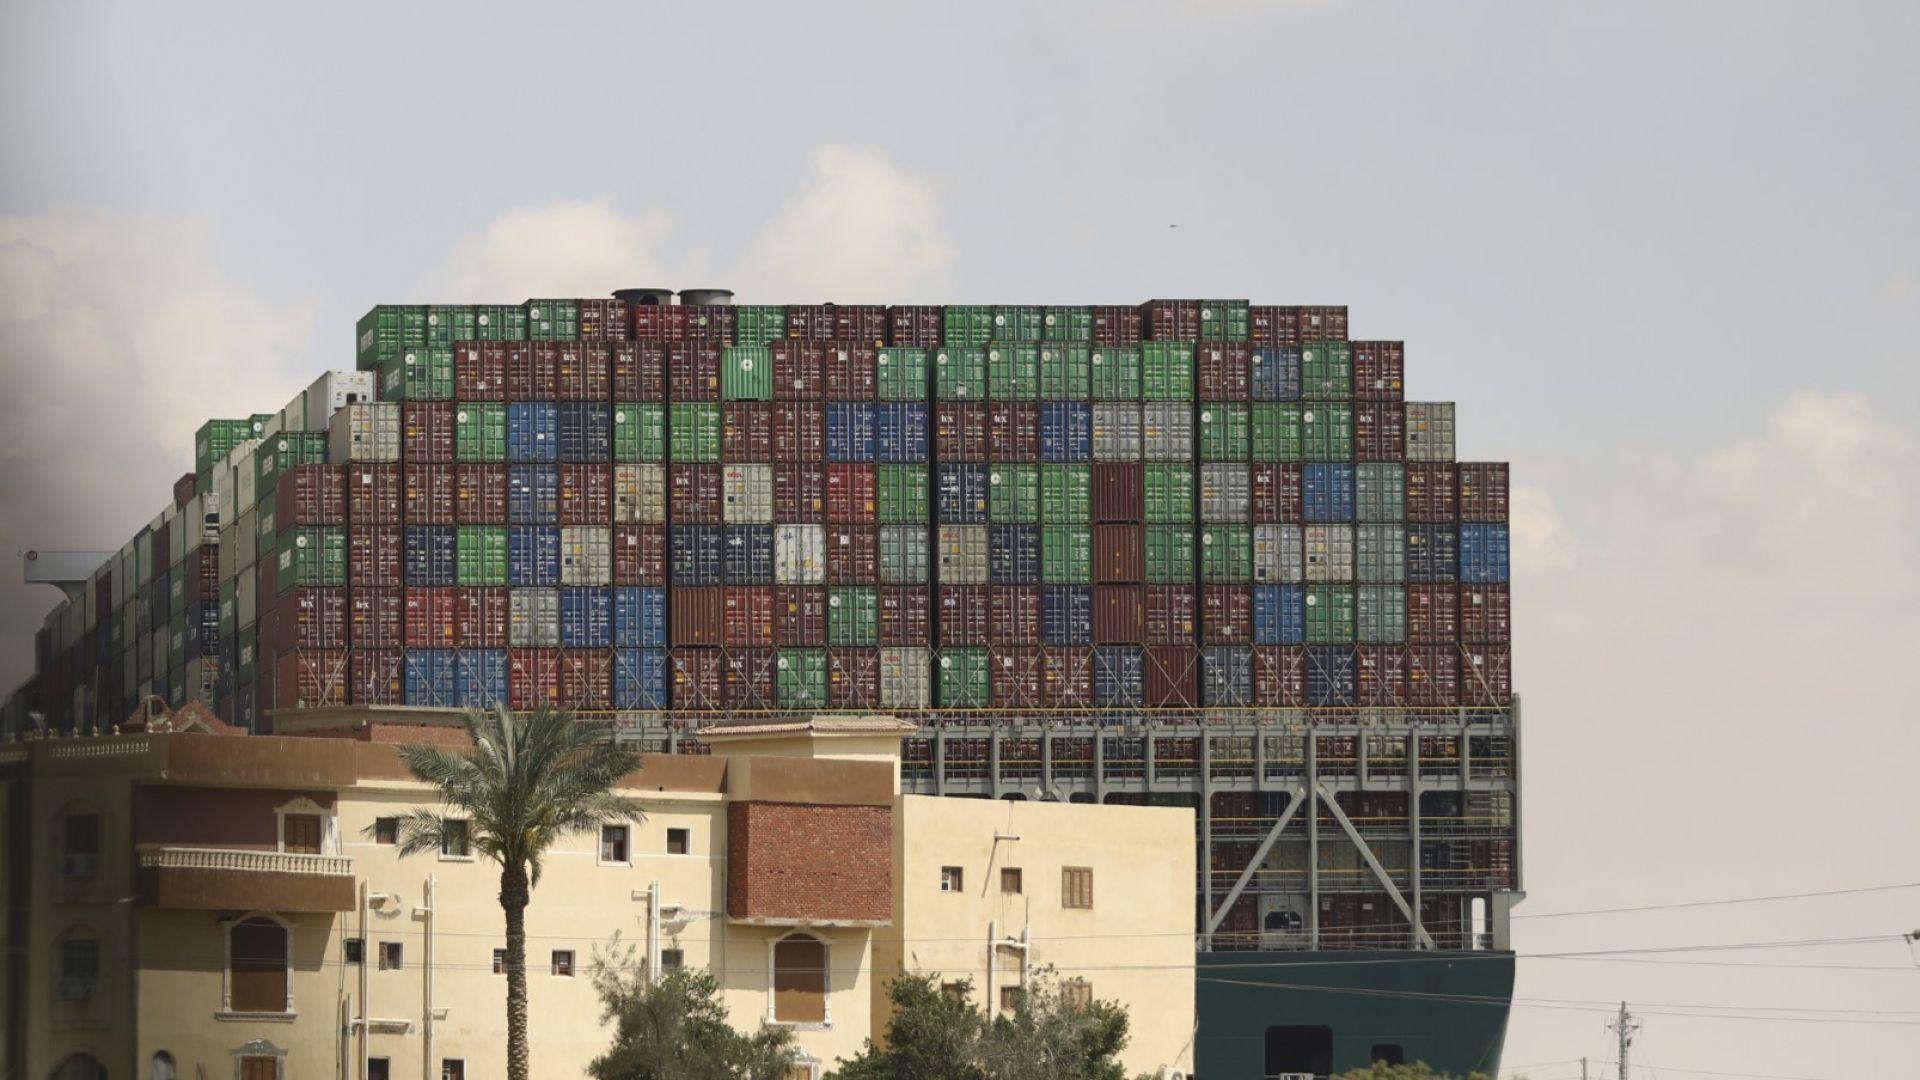 Корабът, долепен с единия си край до сграда на брега на канала